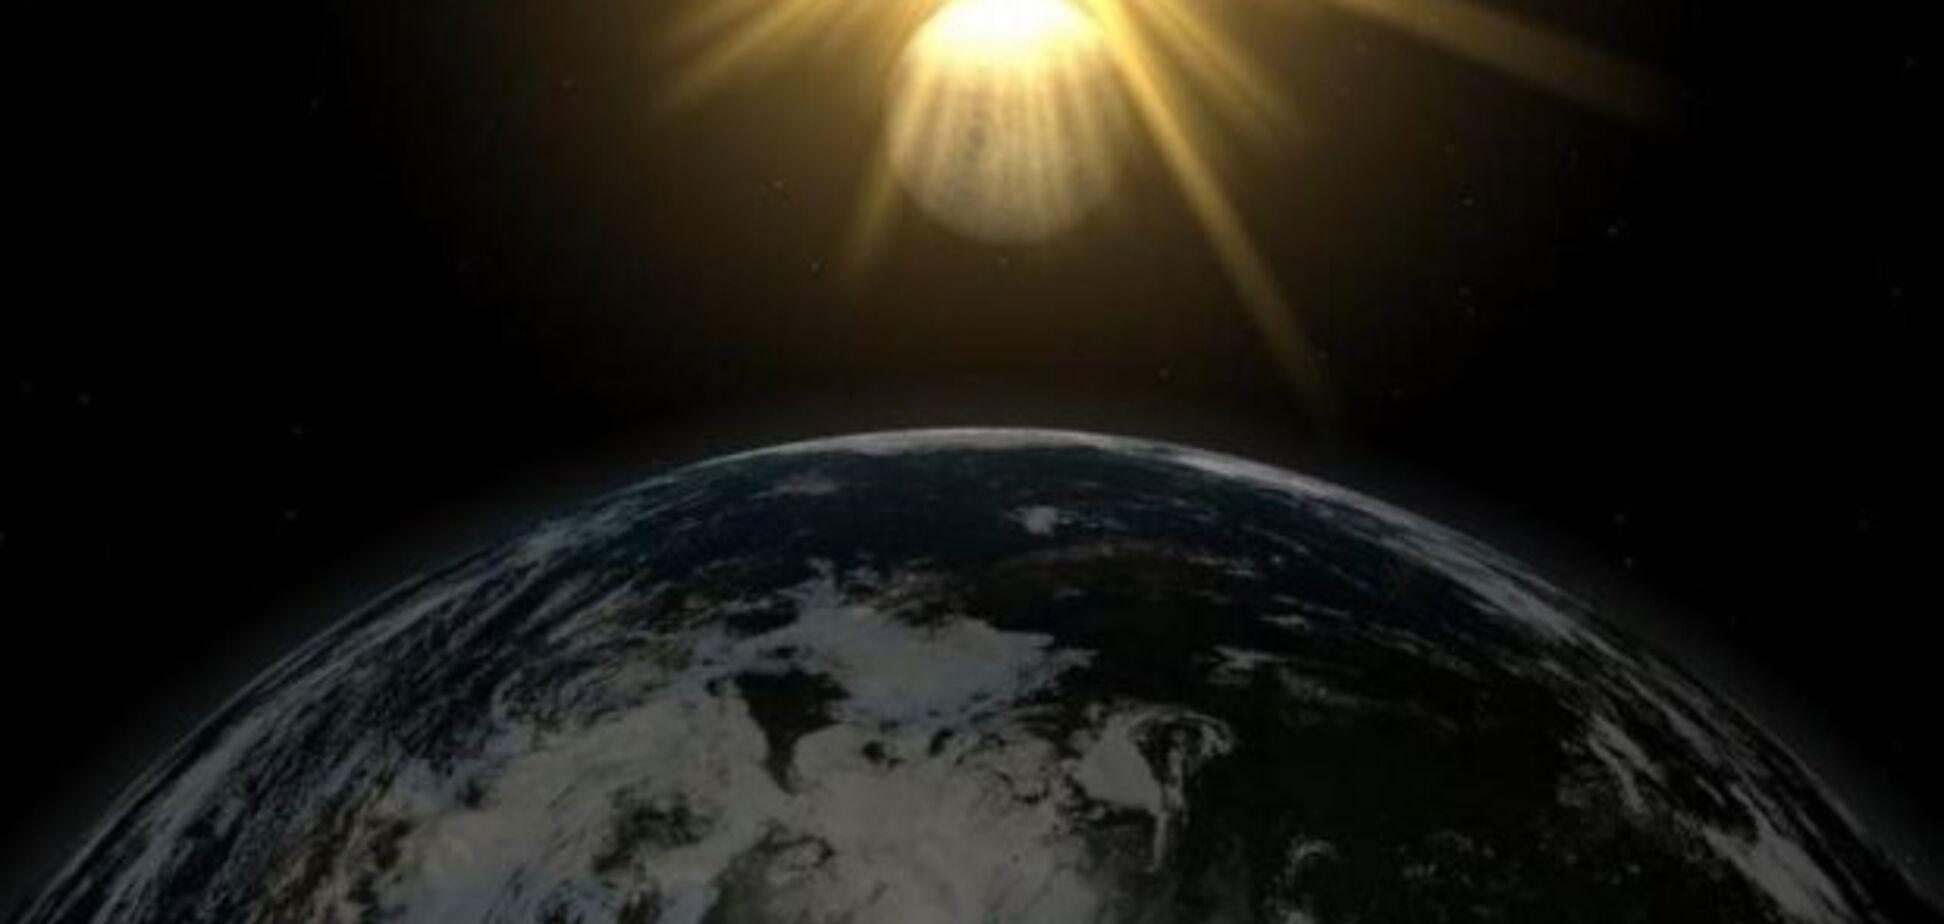 День осіннього рівнодення: що можна і не можна робити у свято